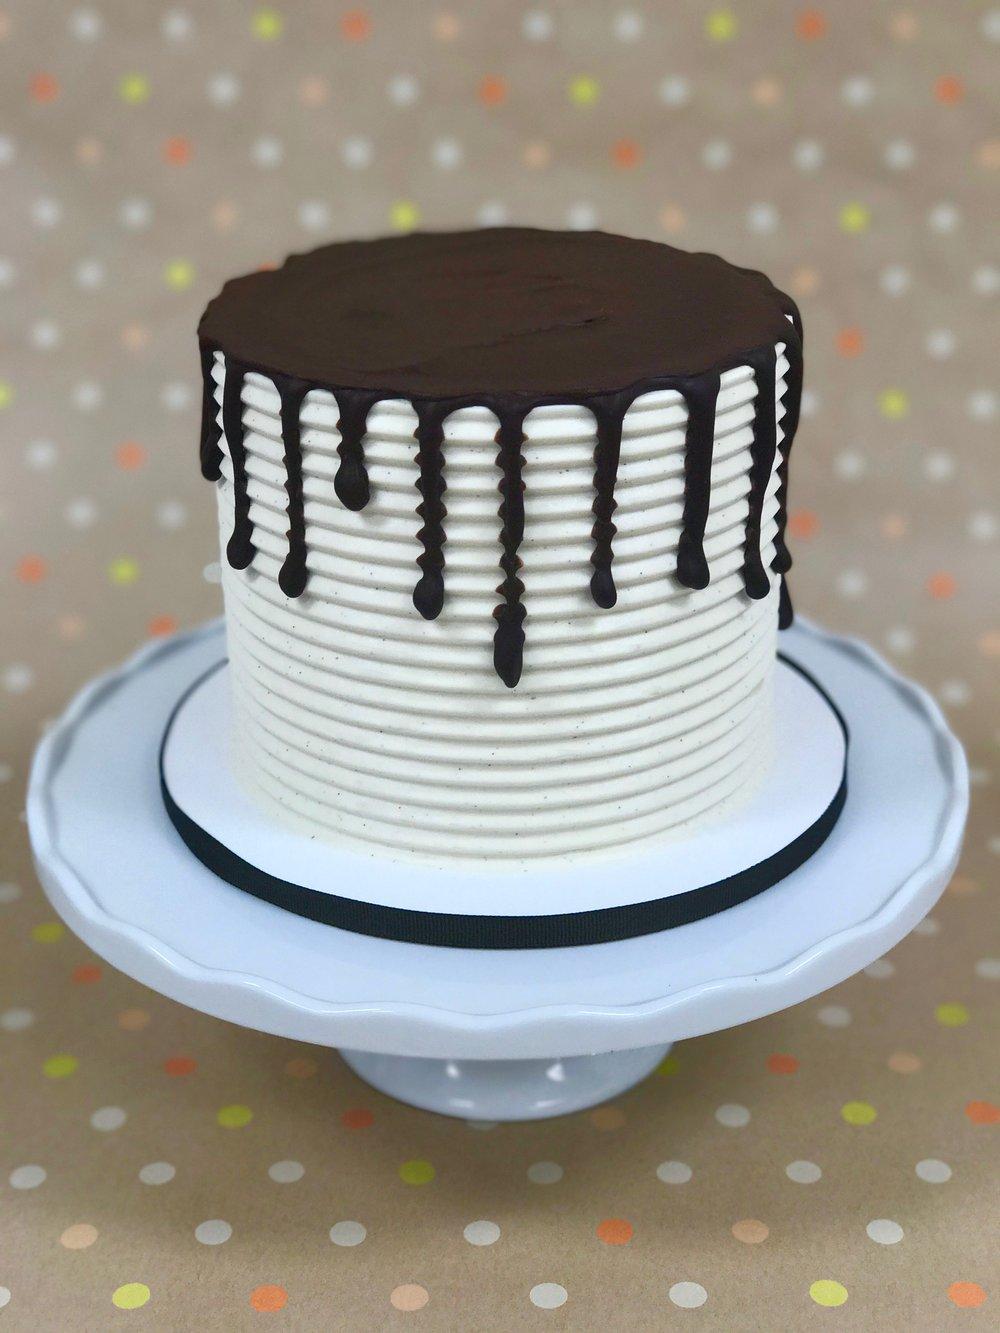 Black And White - Cake: Vanilla Bean and ChocolateFilling: Vanilla Bean and Chocolate ButtercreamsFrosting: Vanilla Bean Swiss Meringue Buttercream and Dark Chocolate Ganache